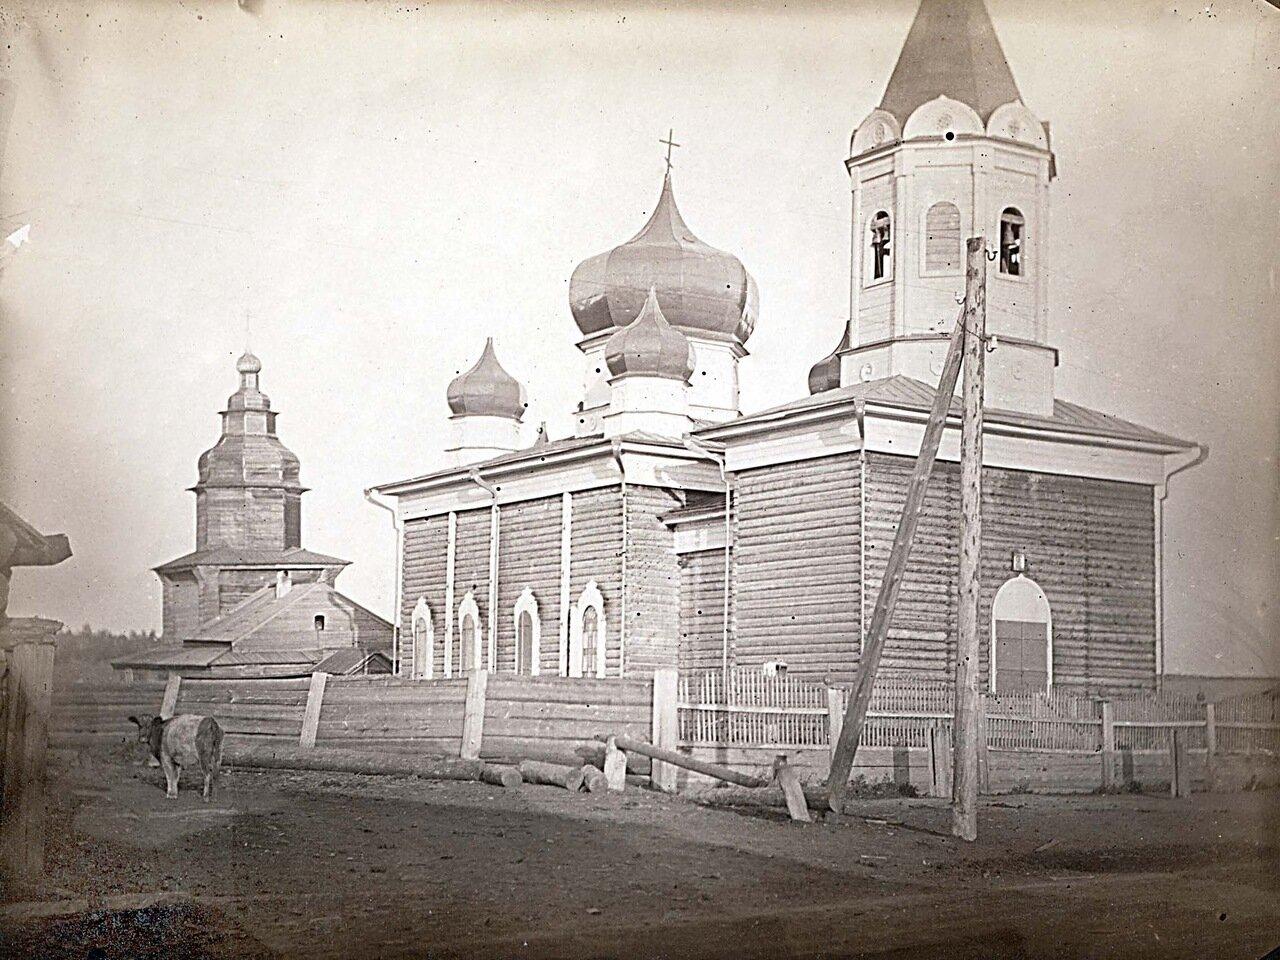 Вид на деревянную церковь в небольшой деревне недалеко от Иркутска